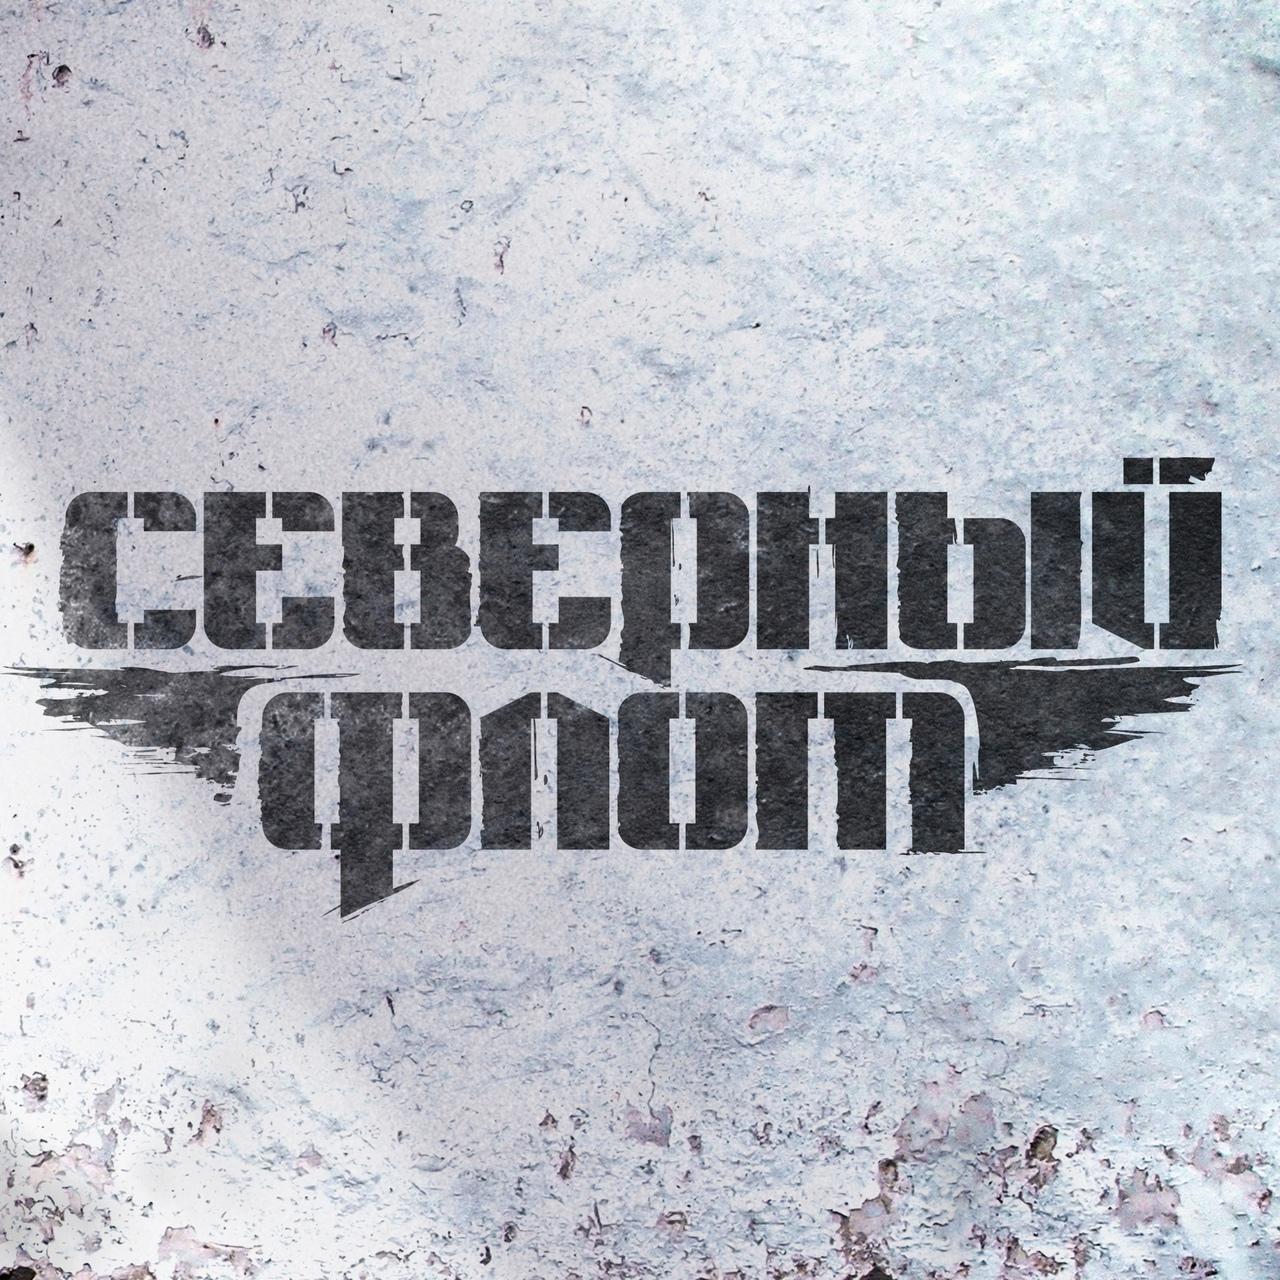 Афиша Нижний Новгород Северный Флот / 11 апреля (вс) / Н.Новгород